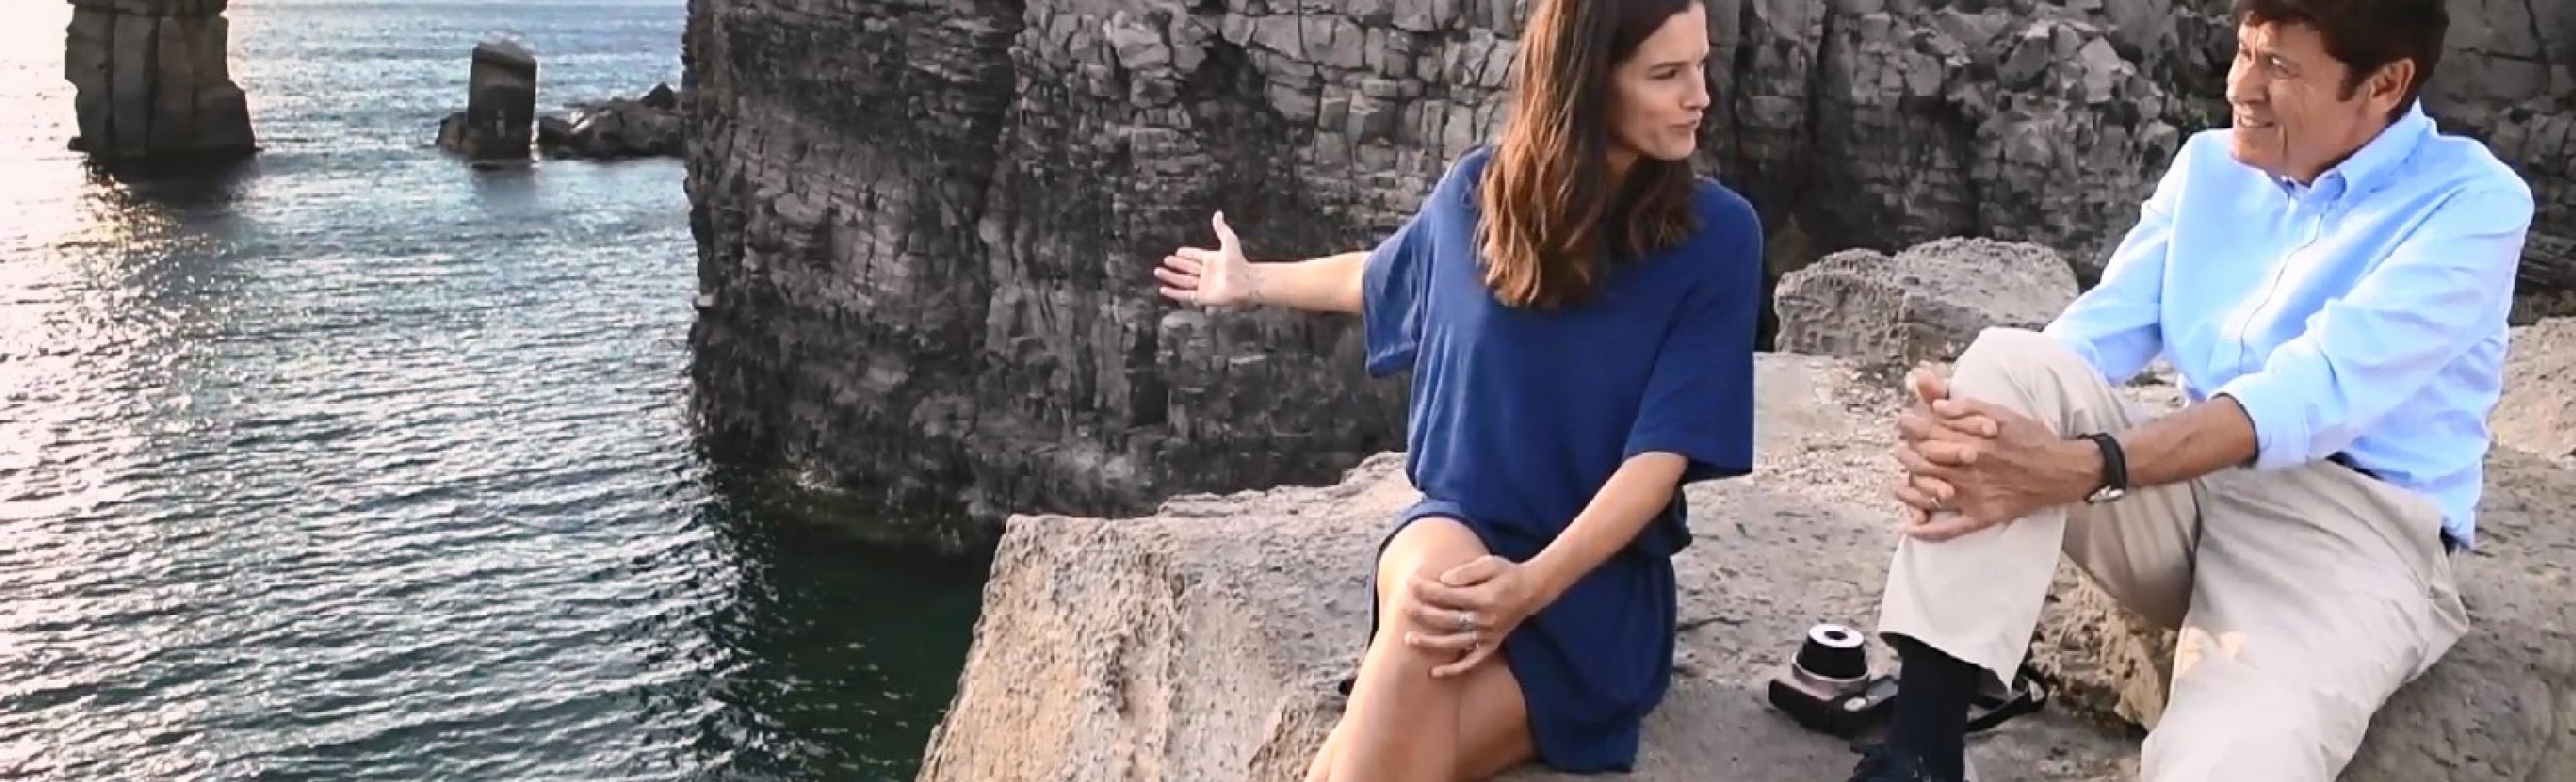 morandi&baschetti_set isola di Pietro_Le Colonne-isola di san Pietro